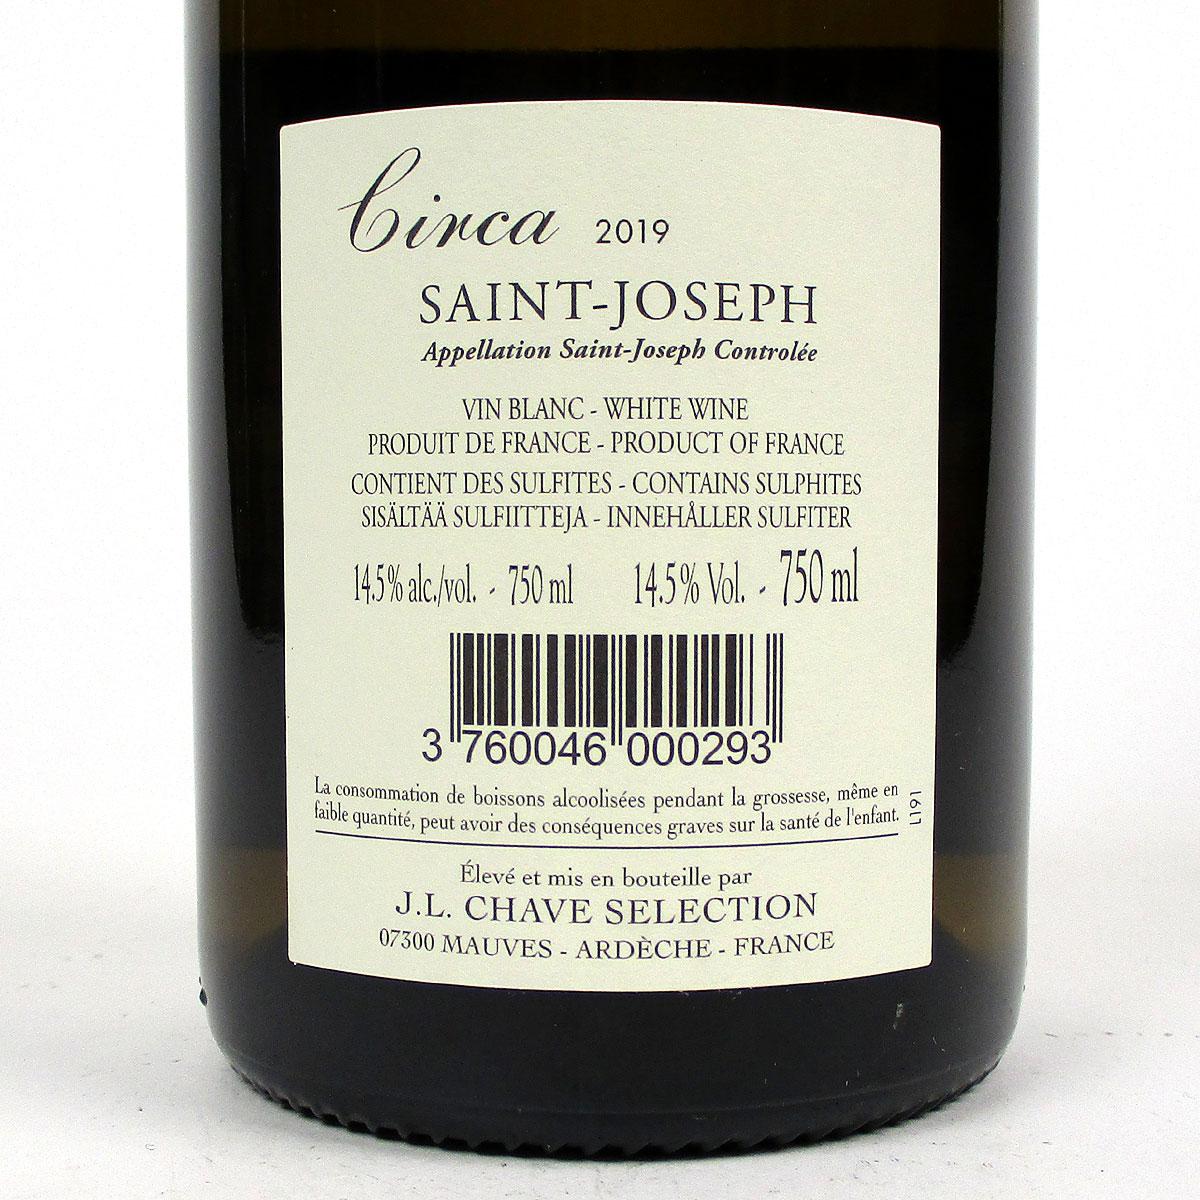 Saint-Joseph: Jean-Louis Chave Sélection 'Circa' Blanc 2019 - Bottle Rear Label